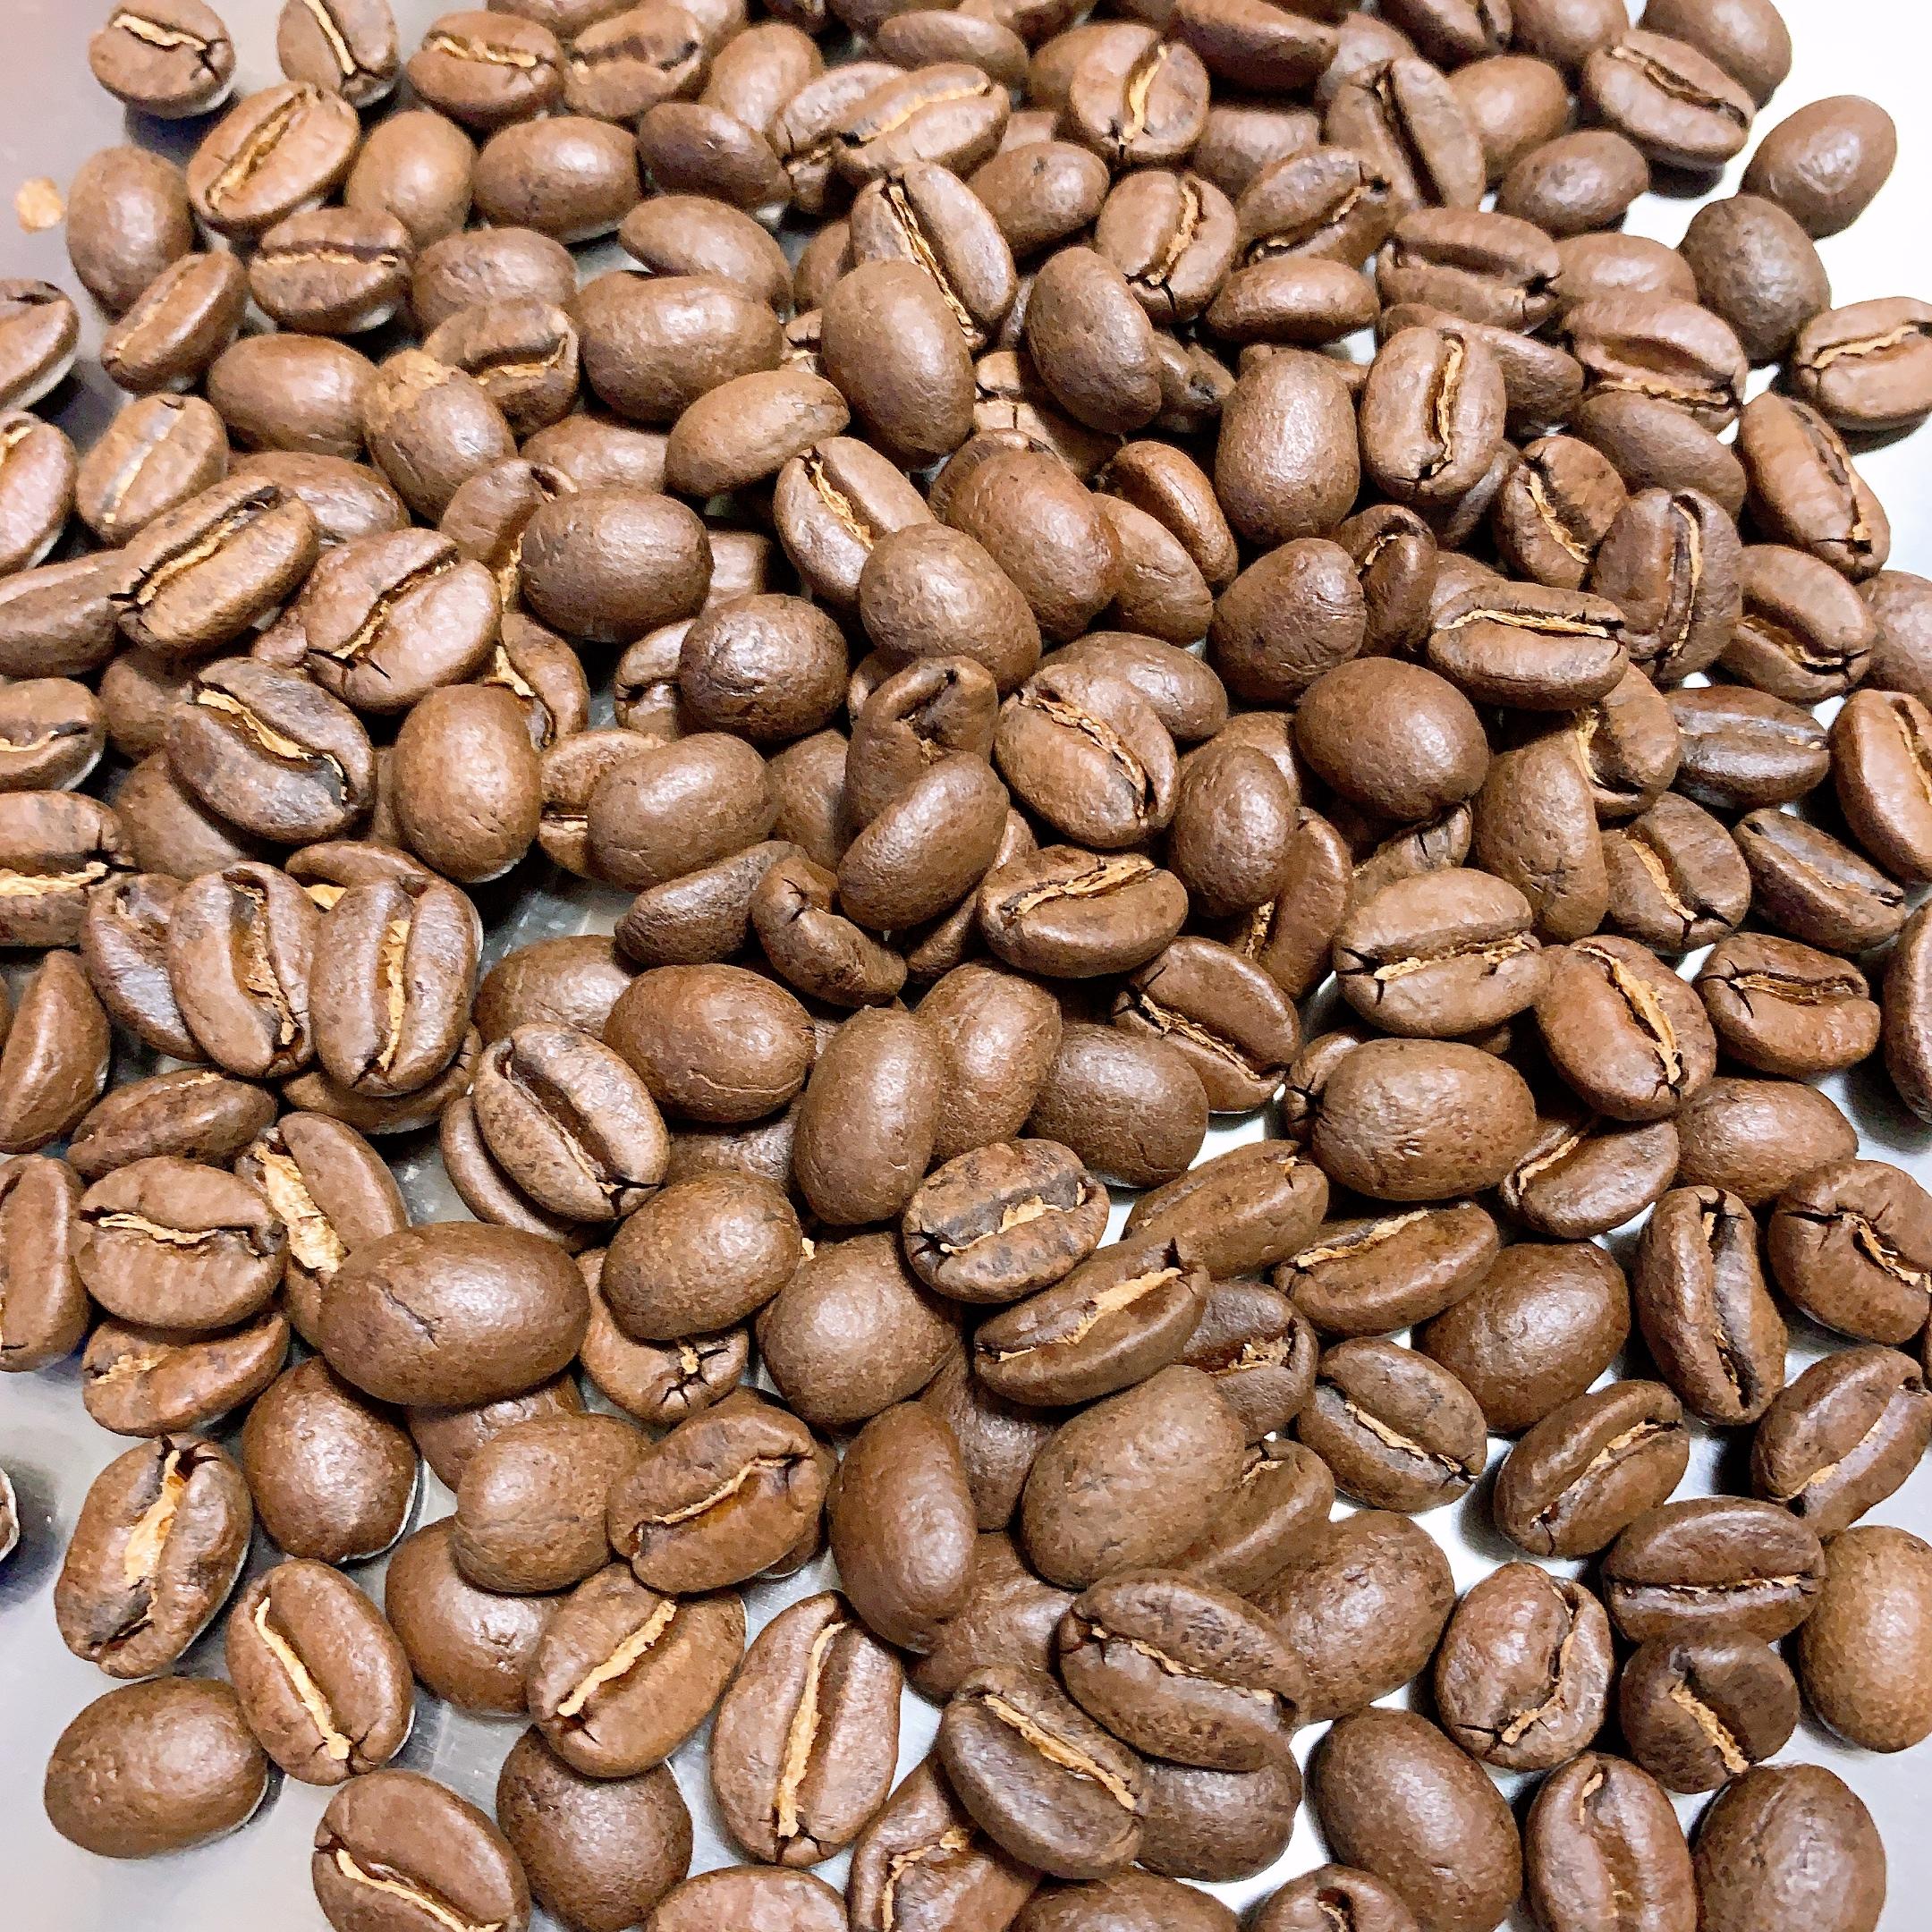 ブラジルサントスNo.2 焙煎したコーヒー豆